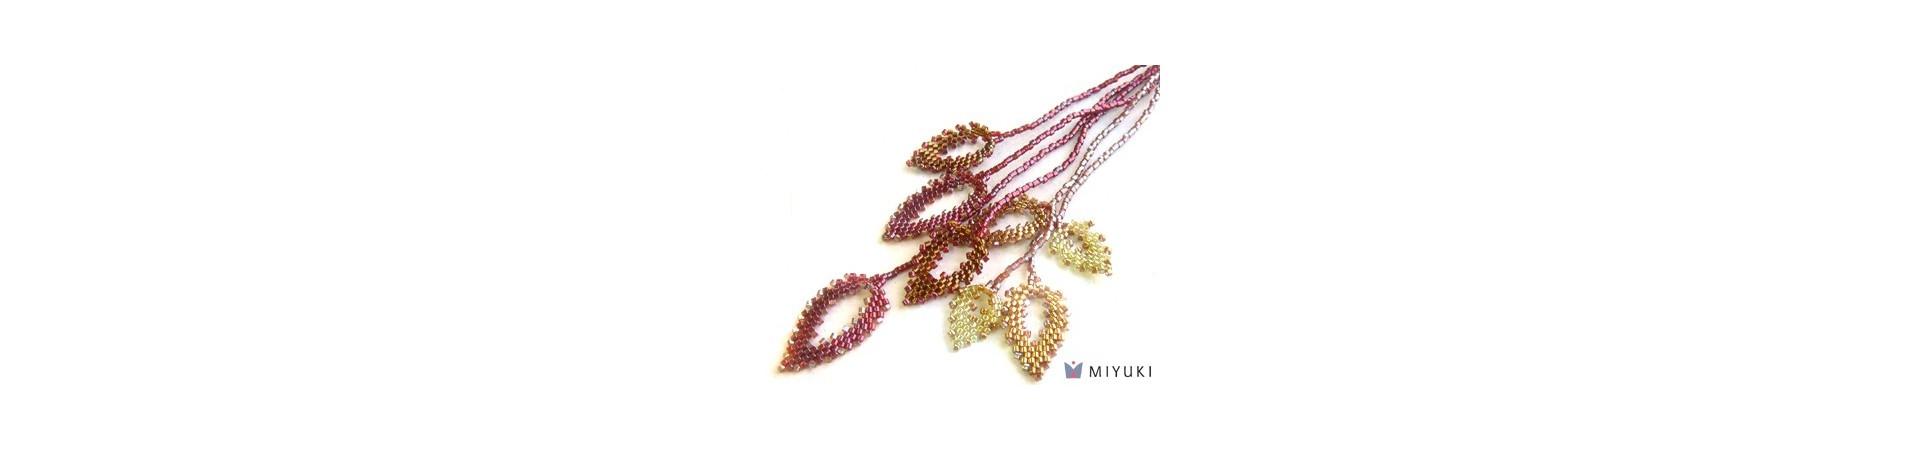 Miyuki Круглые Rocailles 11/0 (2.0mm)